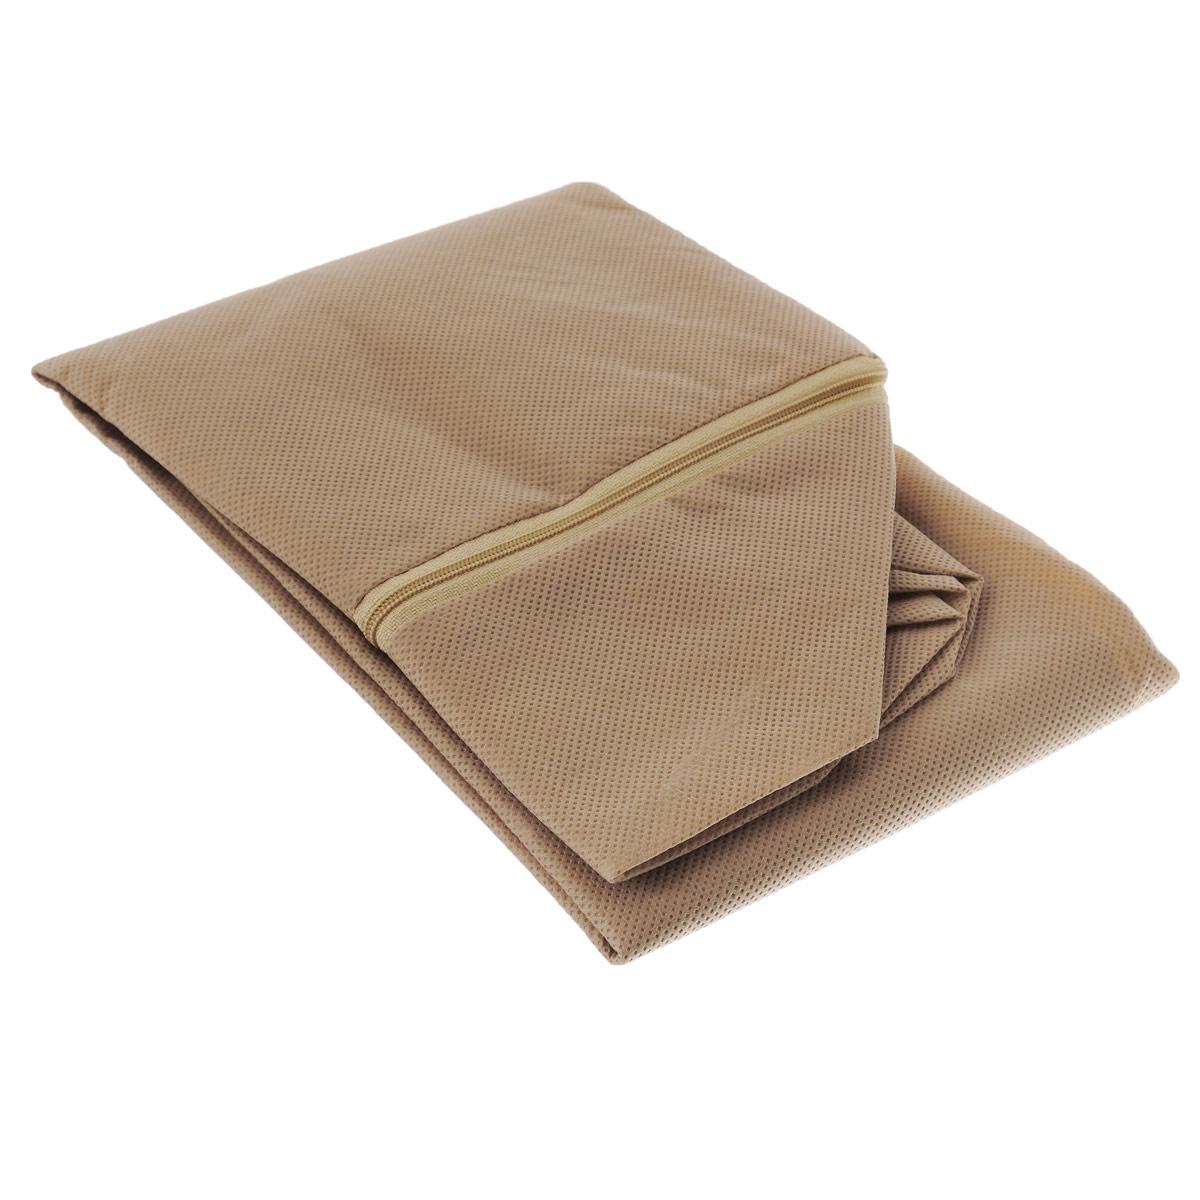 Чехол для хранения одеял Eva, цвет: бежевый, 60 см х 40 см х 20 см